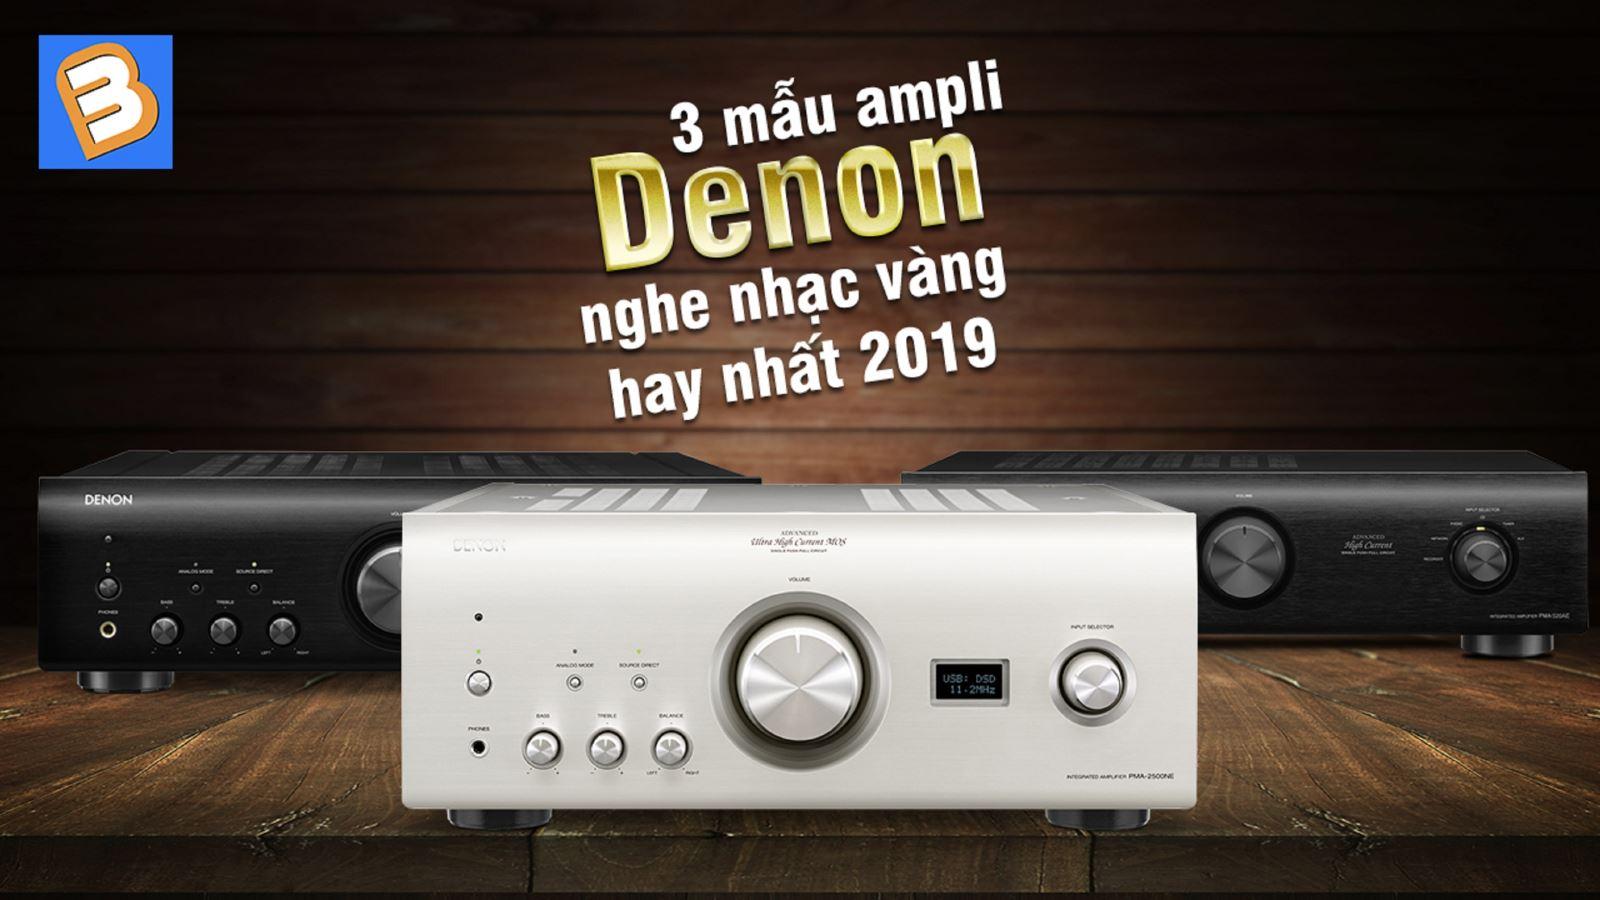 3 mẫu amply Denon nghe nhạc vàng hay nhất2019